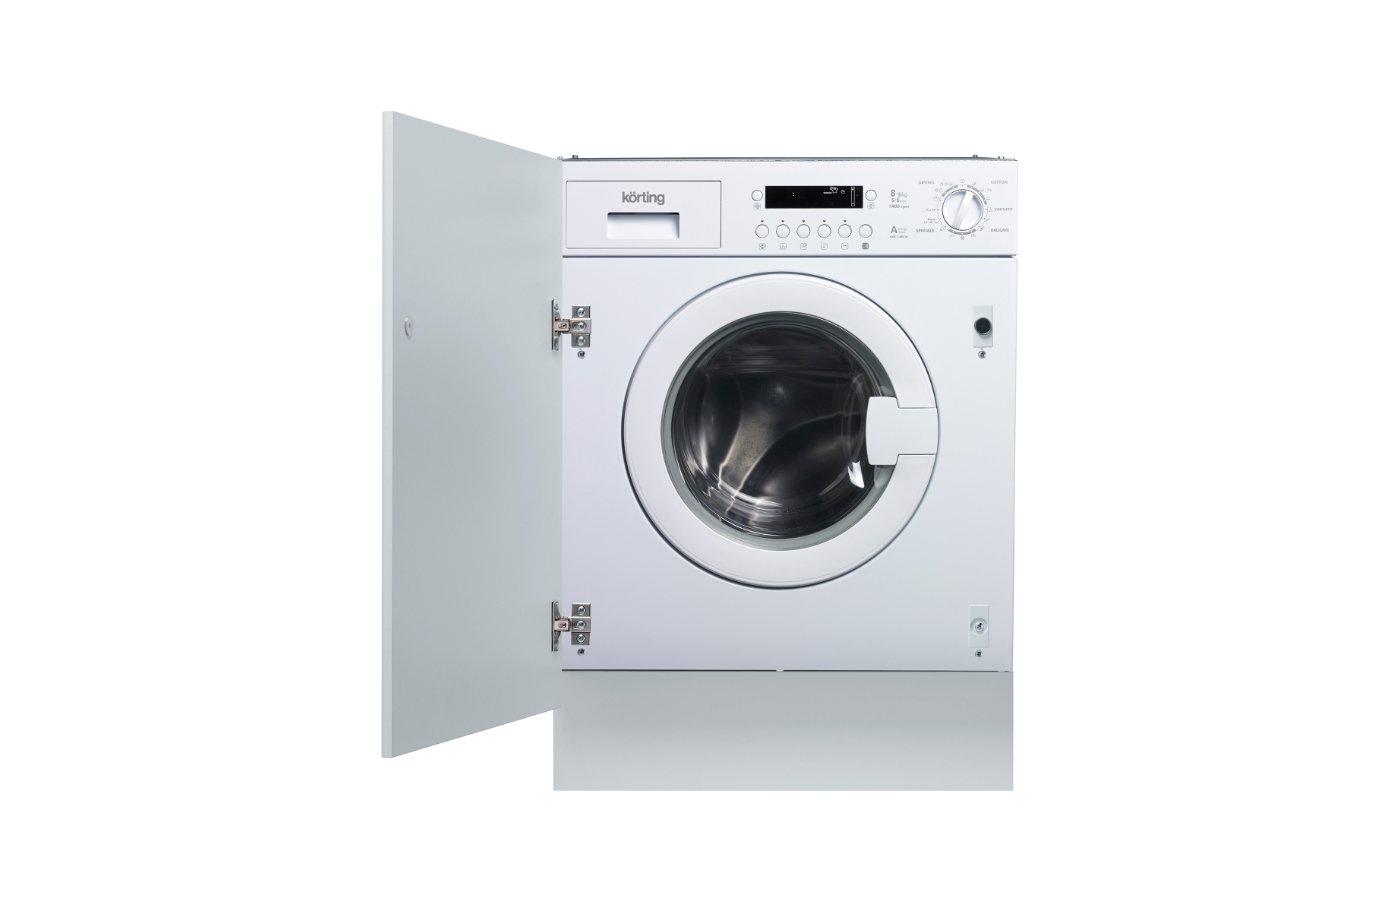 Встраиваемые стиральные машины KORTING KWD 1480 W